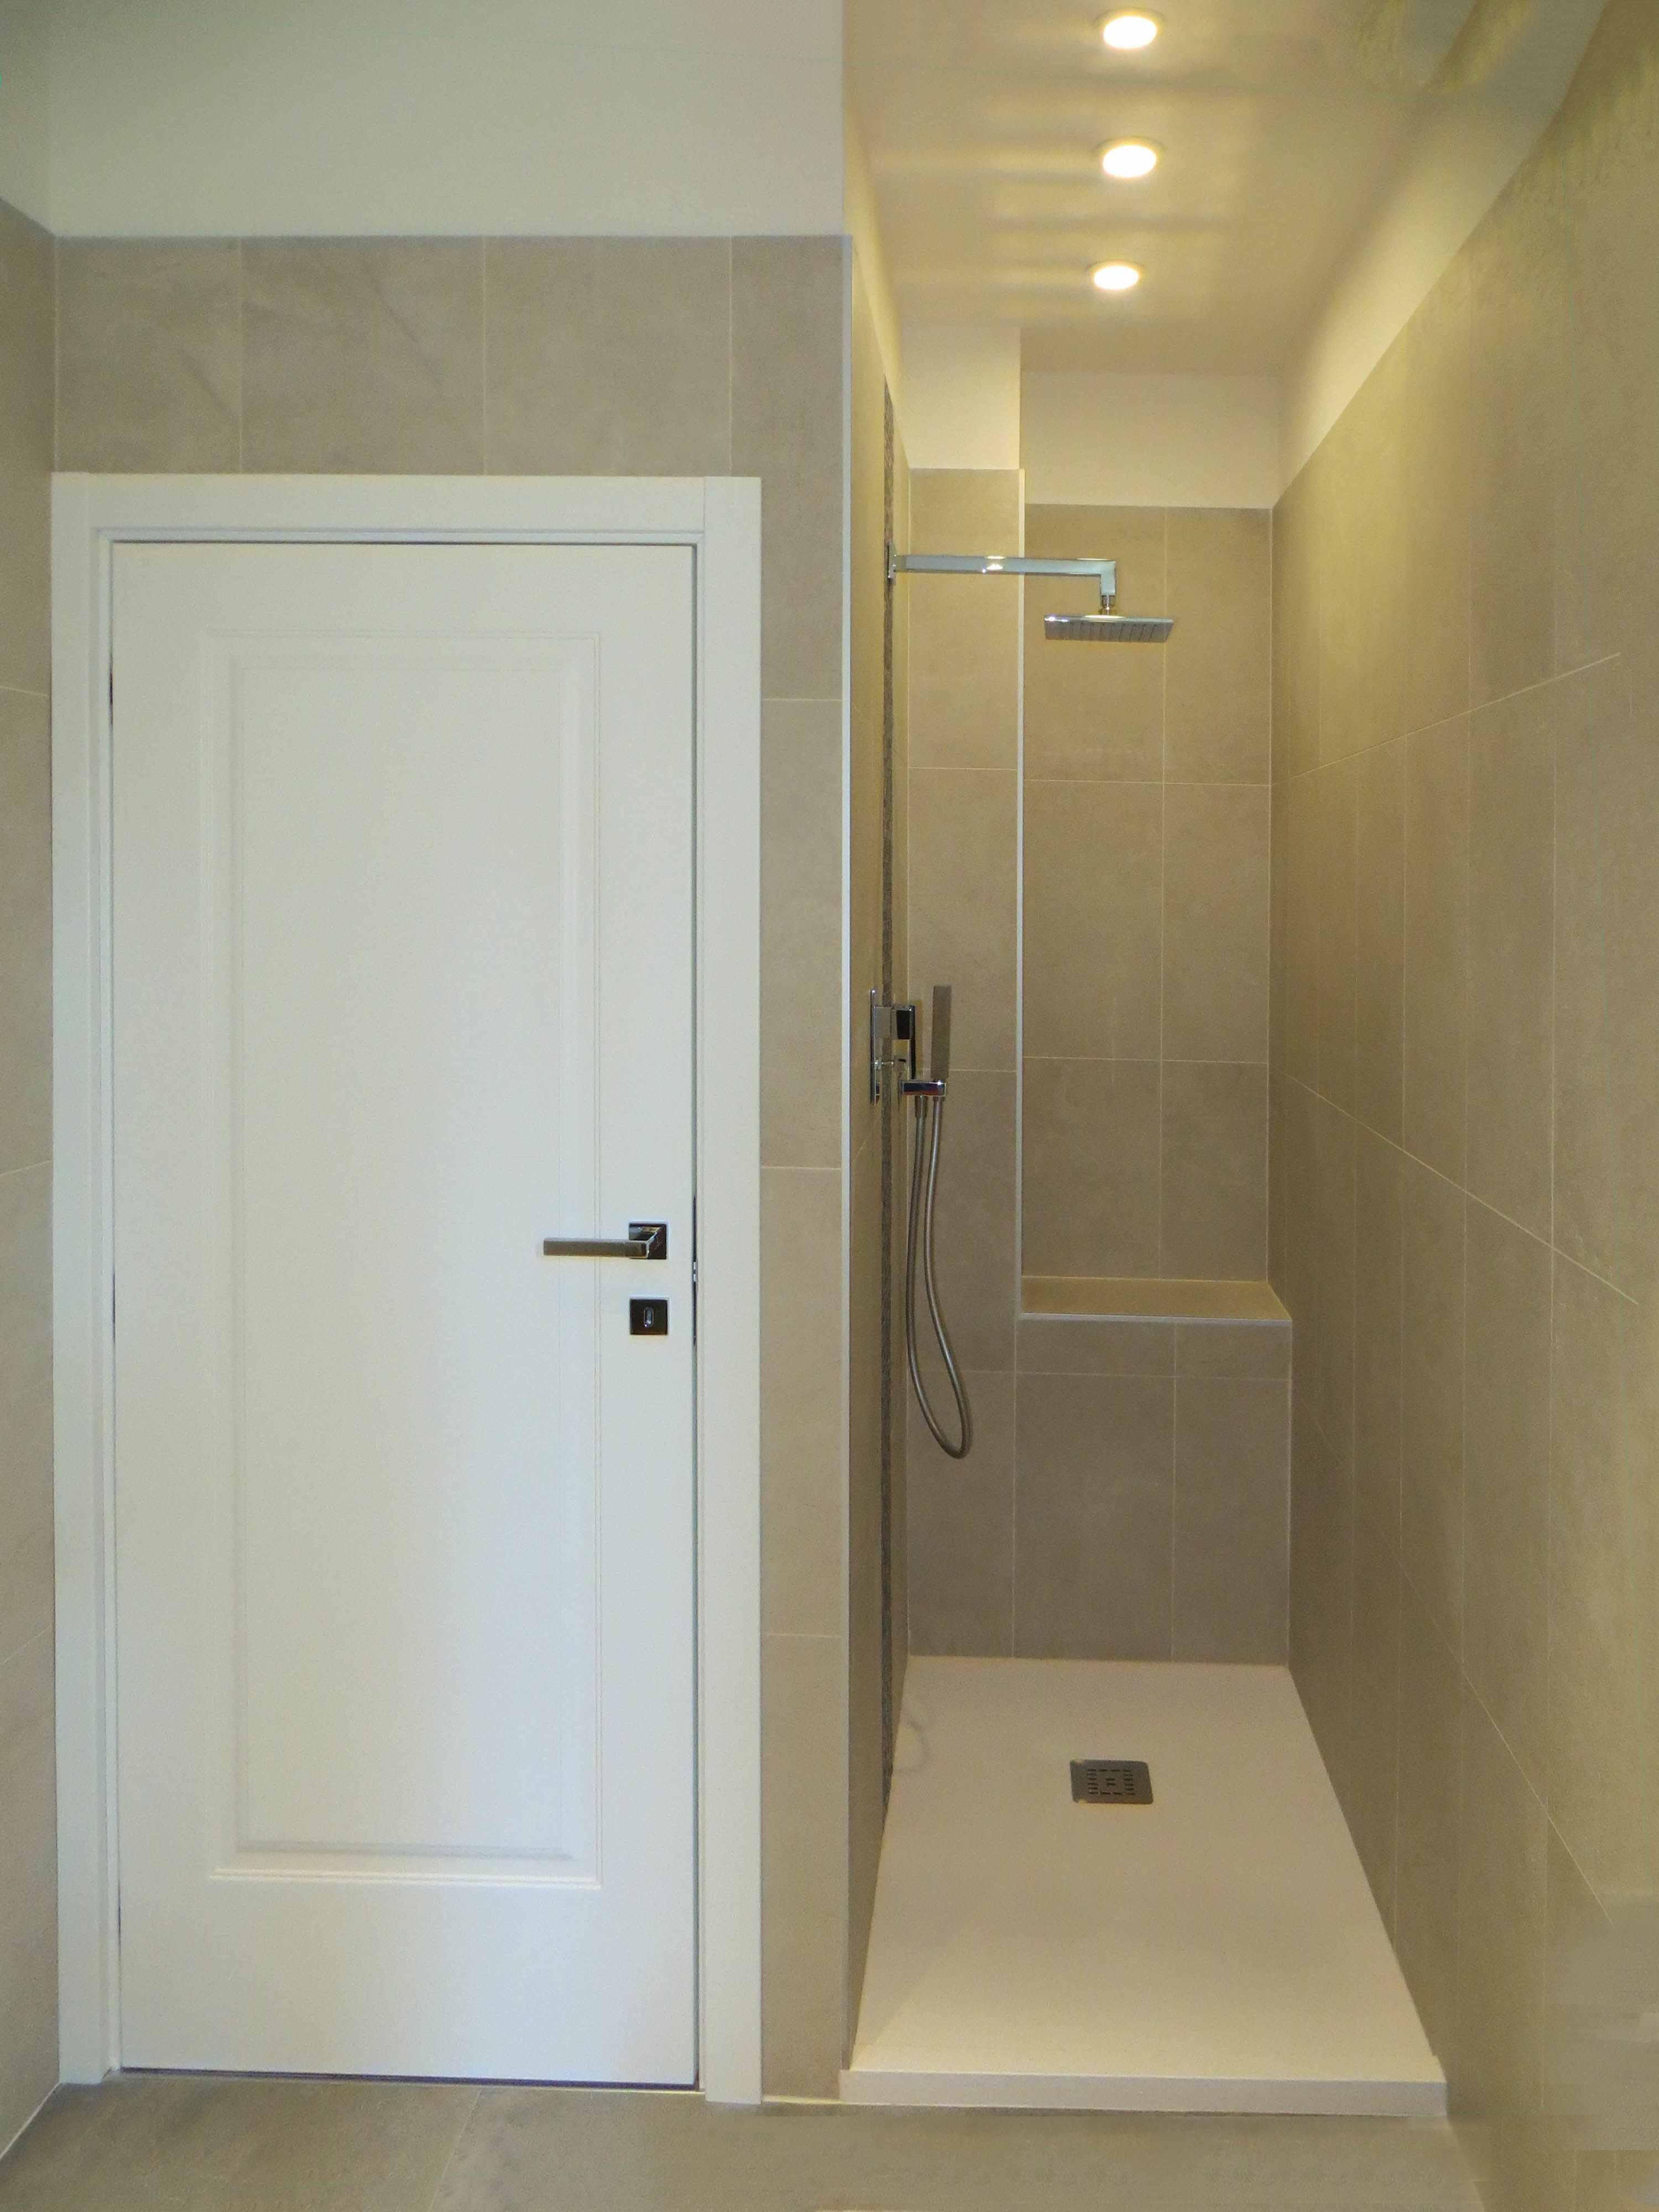 Foto macchia francesco - Scaldare il bagno elettricamente ...